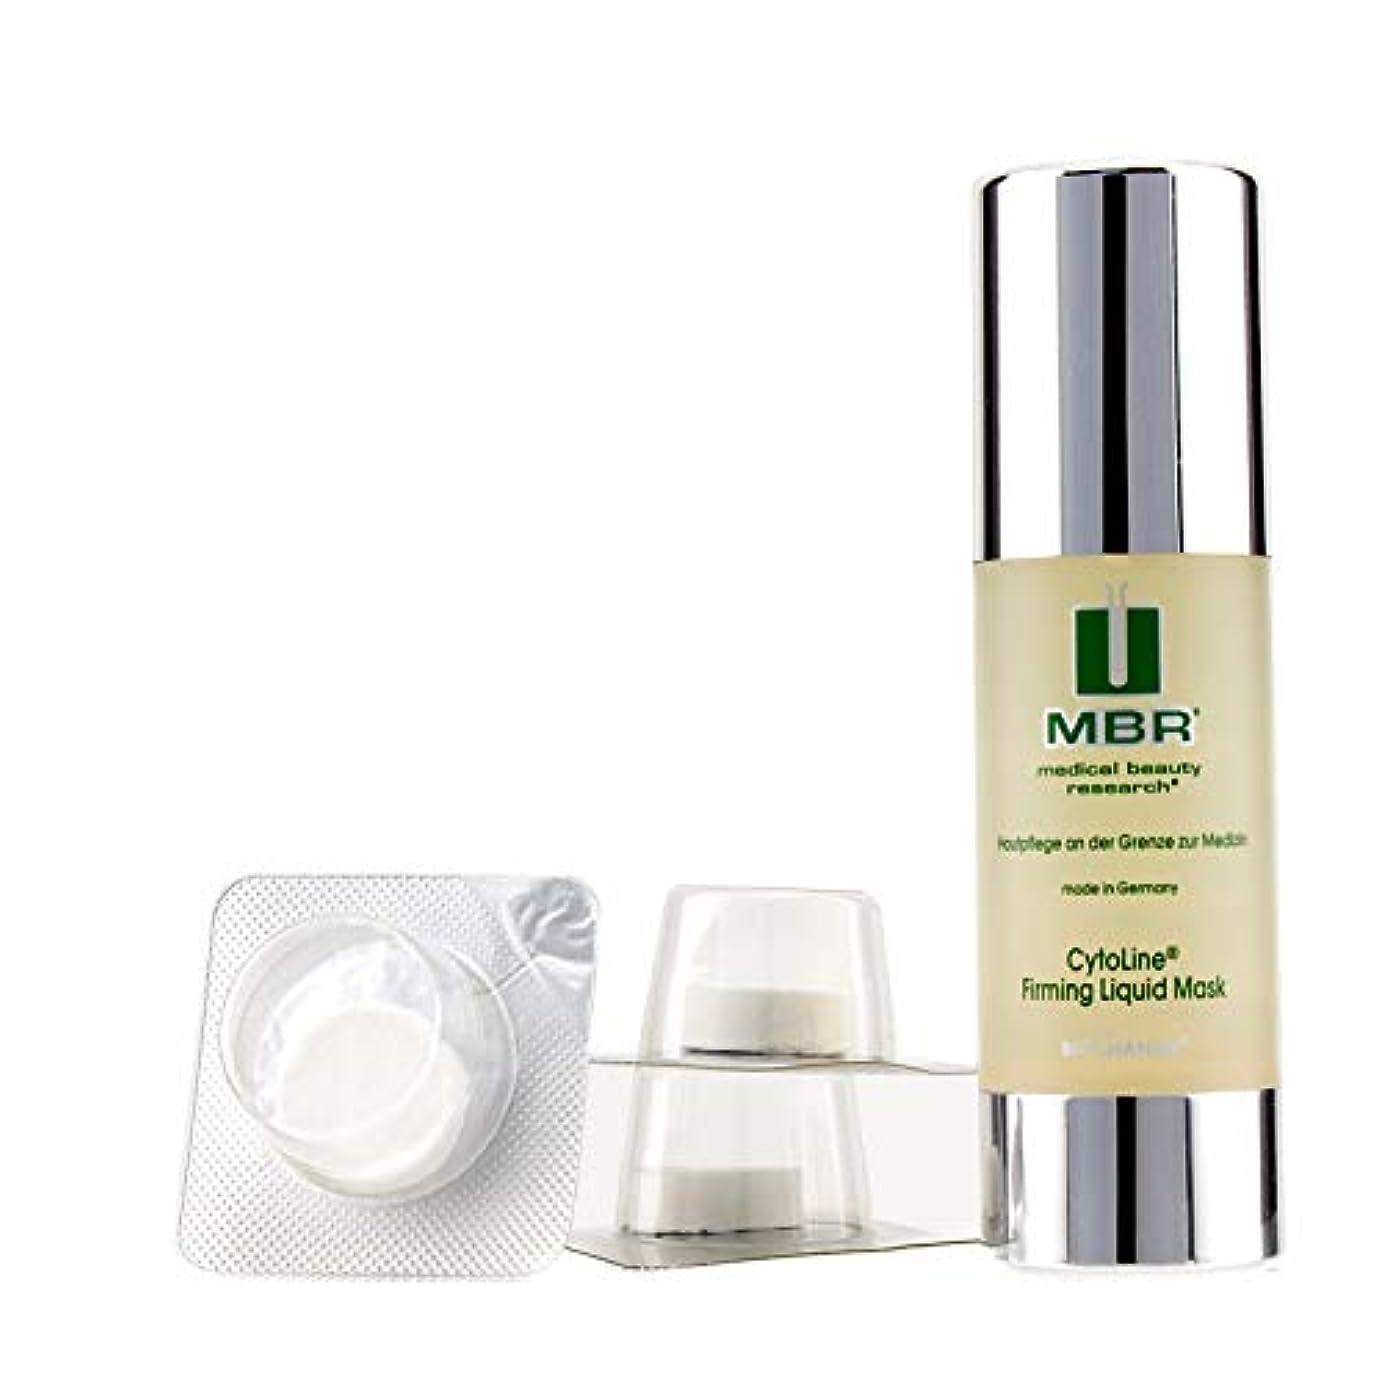 納税者エキゾチックマーティフィールディングMBR Medical Beauty Research BioChange CytoLine Firming Liquid Mask 6applications並行輸入品